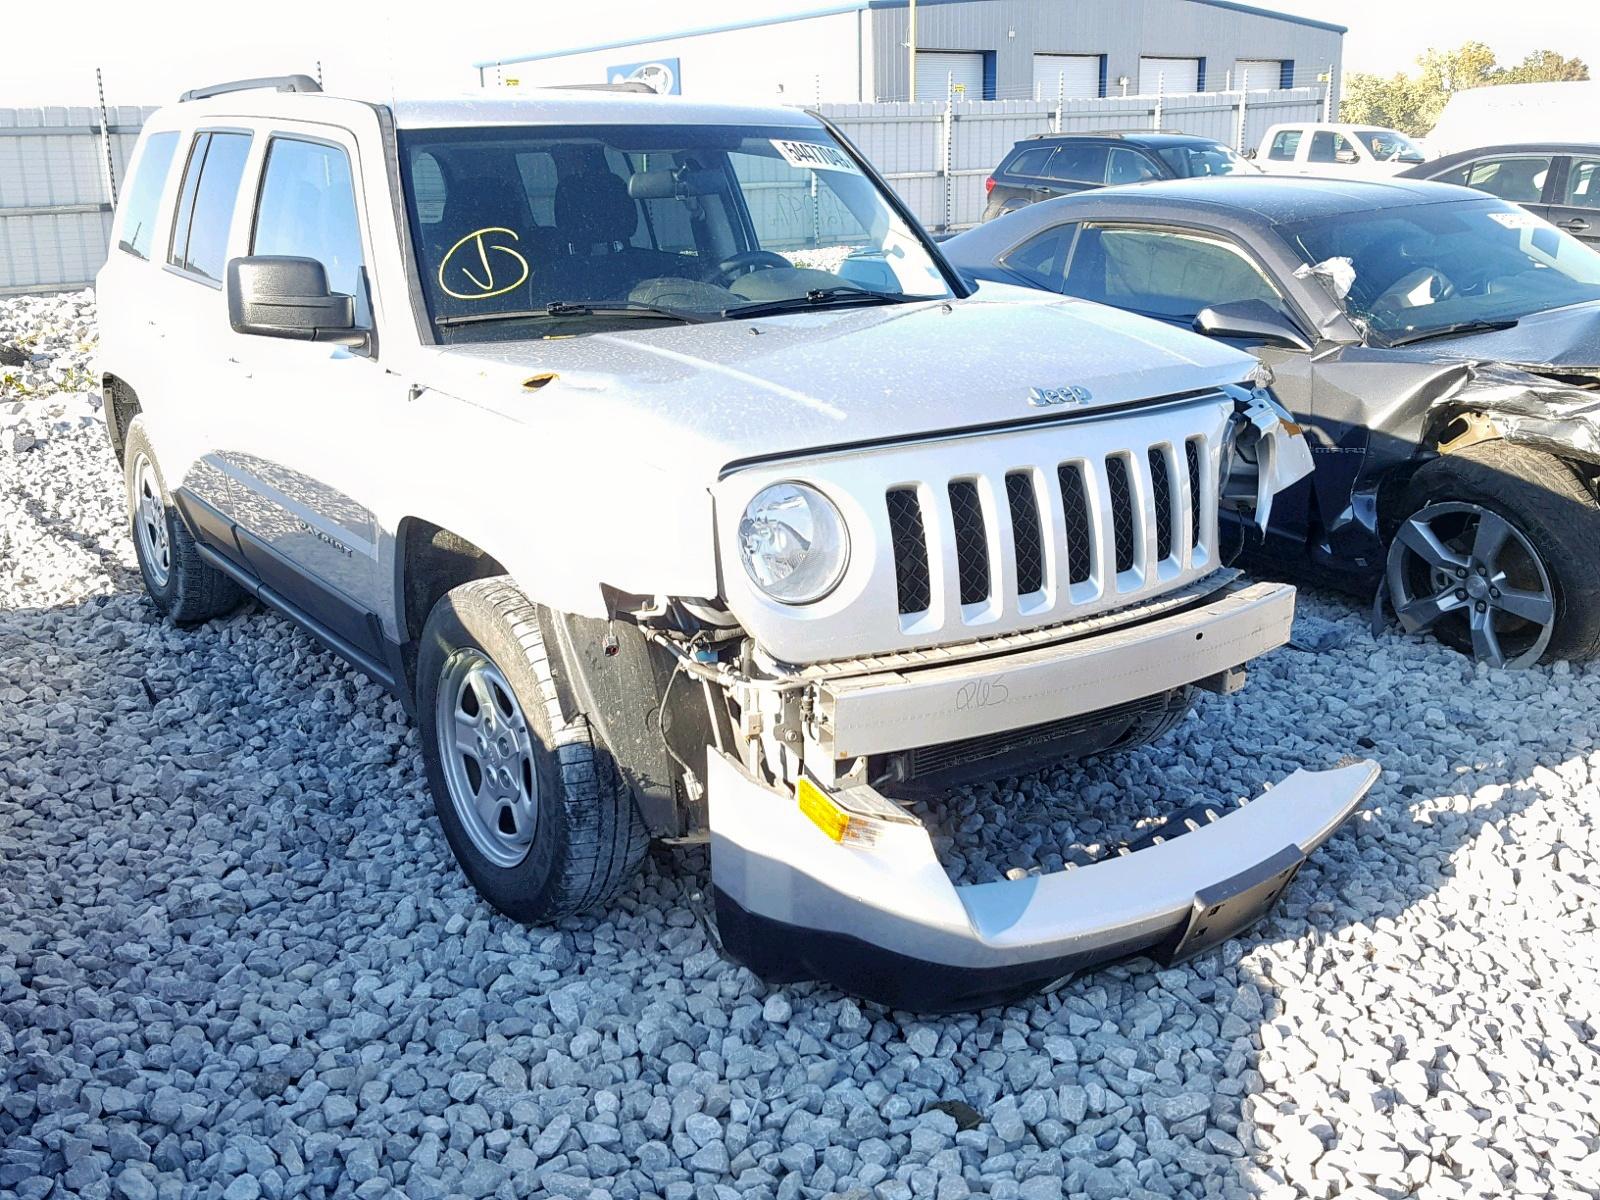 1C4NJPBA5DD272382 - 2013 Jeep Patriot Sp 2.0L Left View